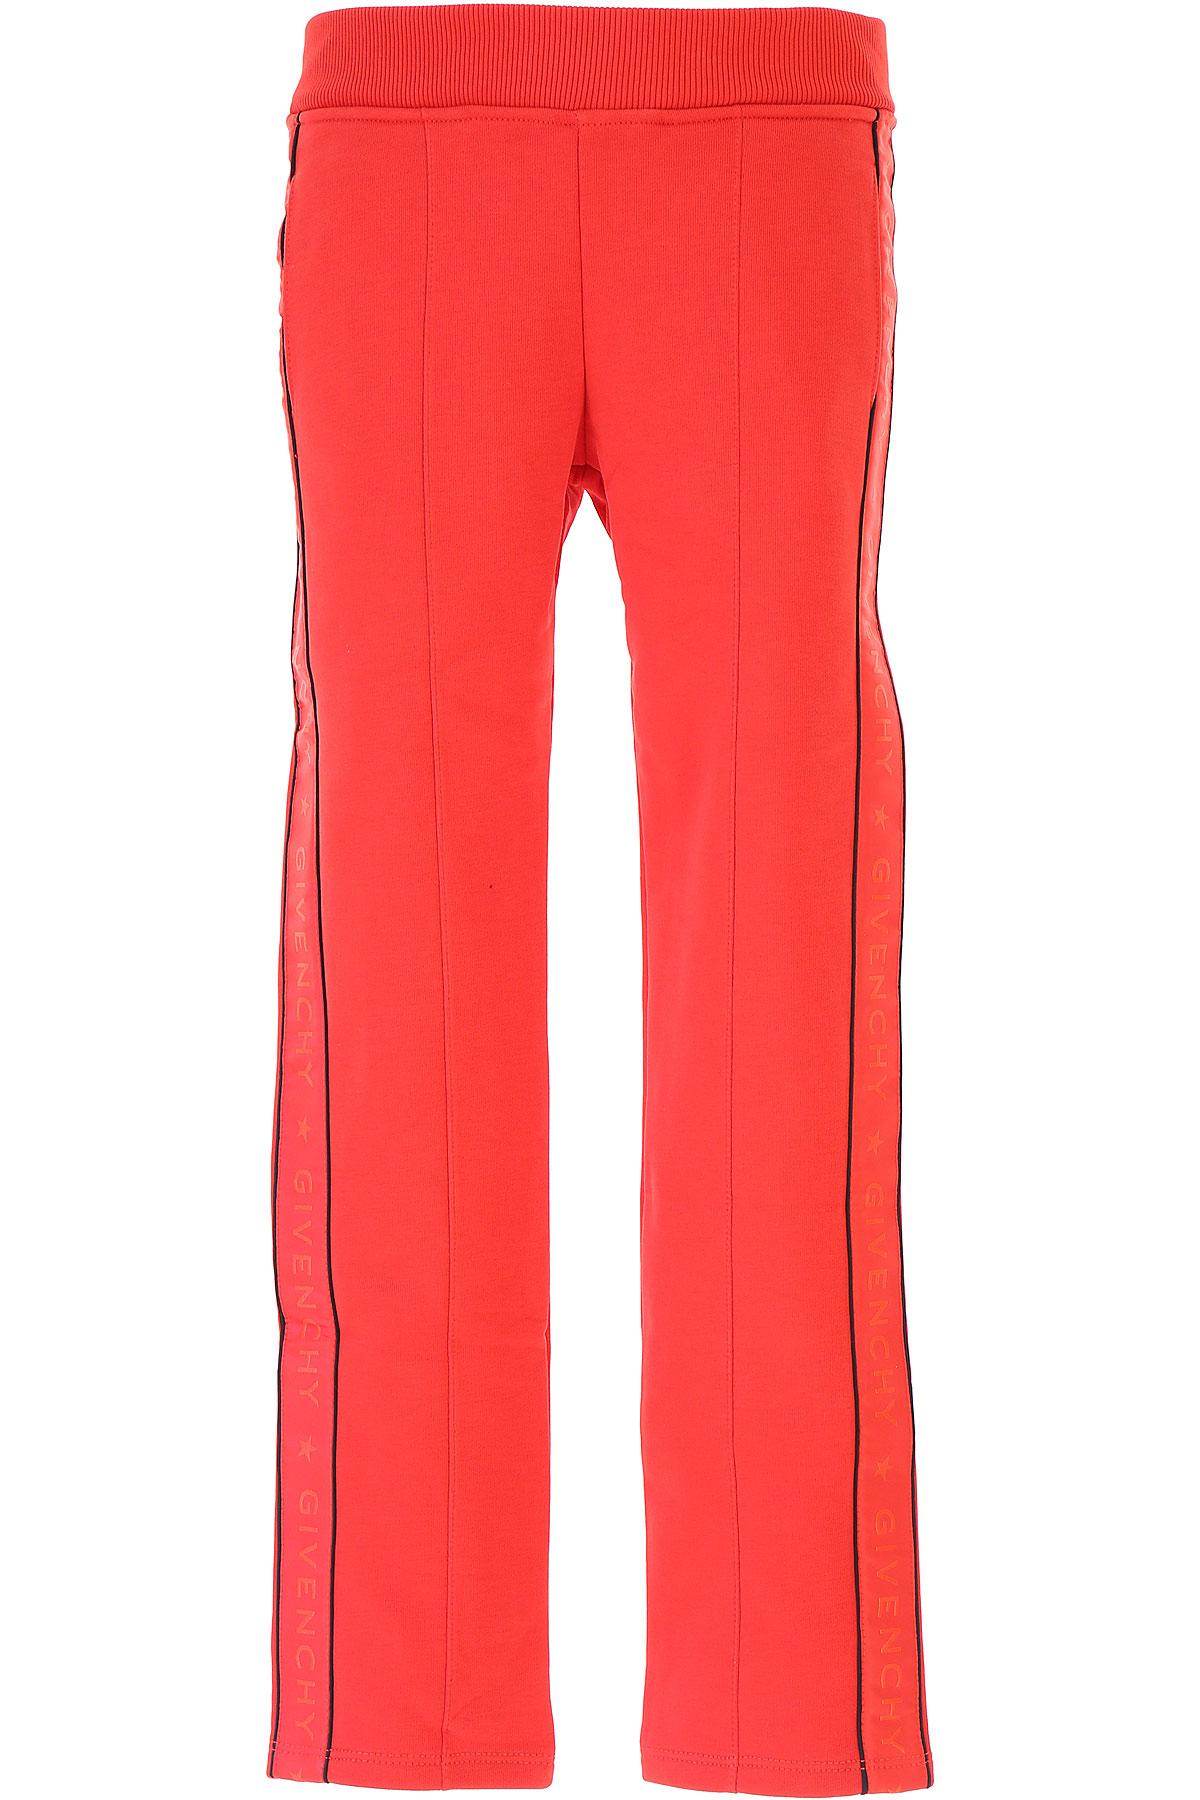 Image of Givenchy Kids Sweatpants for Girls, Red, Cotton, 2017, 10Y 10Y 4Y 5Y 6Y 8Y 8Y